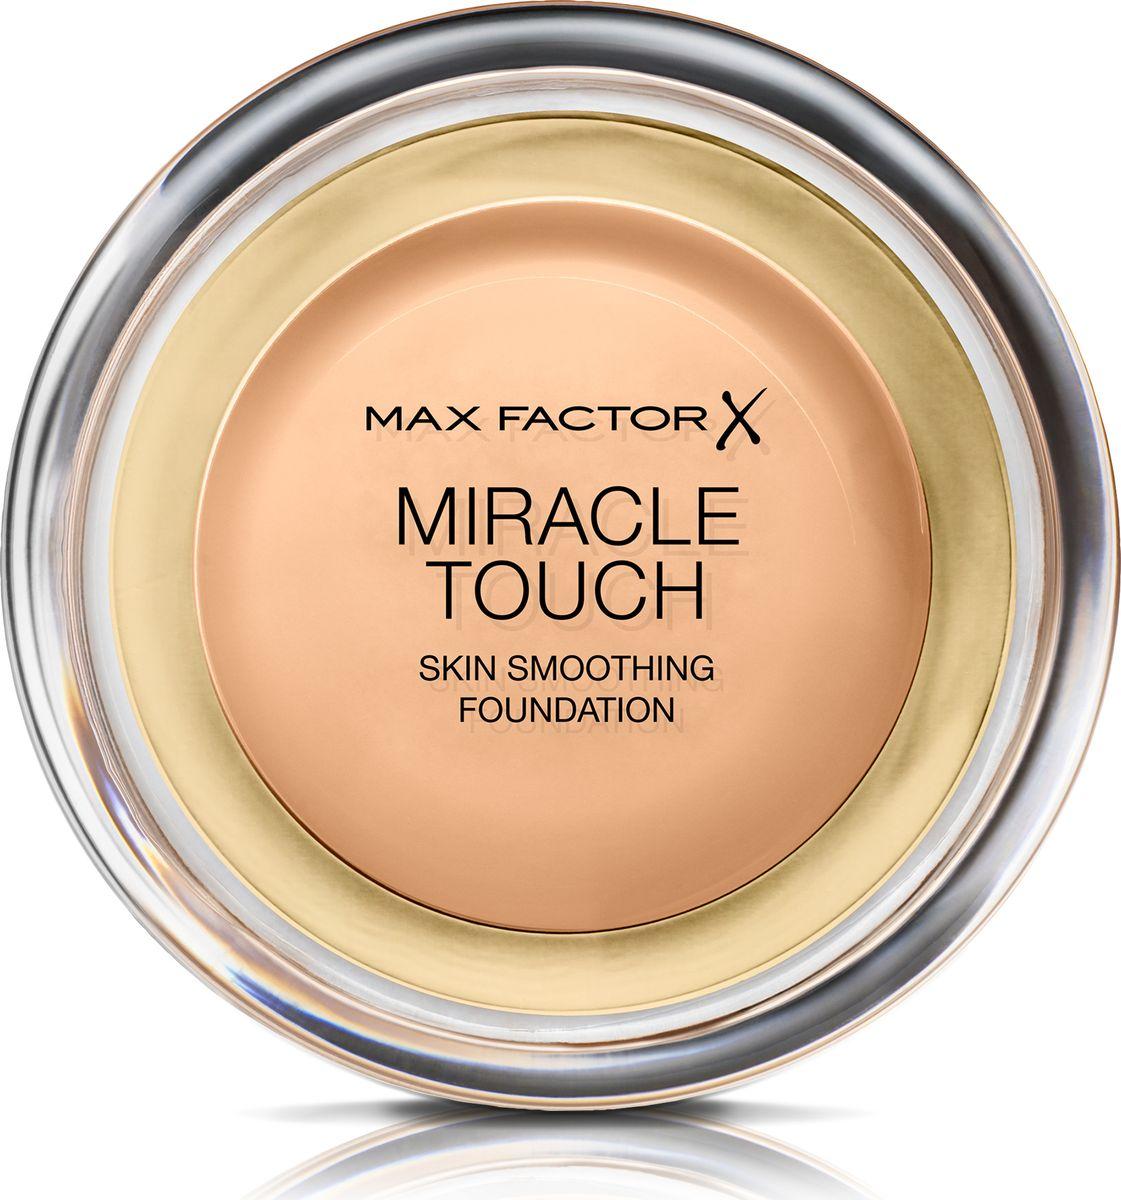 Max Factor Тональная Основа Miracle Touch Тон 75 golden 11,5 грPMB 0805Уникальная универсальная тональная основа MaxFactorMiracleTouch обладает кремообразной формулой, благодаря которой превосходно подготовить кожу для макияжа очень легко. Всего один слой без необходимости нанесения консилера или пудры. Легкая твердая тональная основа тает в руках и гладко наносится на кожу, создавая идеальное, безупречно блестящее и равномерное покрытие, не слишком прозрачное и не слишком плотное. В результате кожа выглядит свежей, необычайно ровной и приобретает сияние. Чтобы создать безупречное покрытие, можно нанести всего один легкий слой тональной основы или же сделать покрытие более плотным благодаря специальной формуле. Тональная основа подходит для всех типов кожи, включая чувствительную кожу, и не вызывает угревой сыпи, так как не закупоривает поры. Спонж в комплекте для простого и аккуратного нанесения где угодно.Идеальное покрытие в один слой- консилер и пудра не нужны. Умеренное или плотное покрытие благодаря специальной формуле. Не вызывает угревую сыпь и не закупоривает поры. Дерматологически протестировано, подходит для чувствительной кожи.Удобная компактная форма, которую легко держать в руках, со спонжем для быстрого и простого нанесения. Идеальный оттенок должен соответствовать тону кожи на линии подбородка. Для получения наиболее профессионального результата с помощью спонжа, входящего в комплект, нанеси тональную основу MiracleTouchLiquidIllusion и распредели ее от центра лица к краям. Чтобы скрыть темные круги и недостатки кожи, наноси основу краем спонжа. Всегда наноси продукт при ярком дневном освещении.